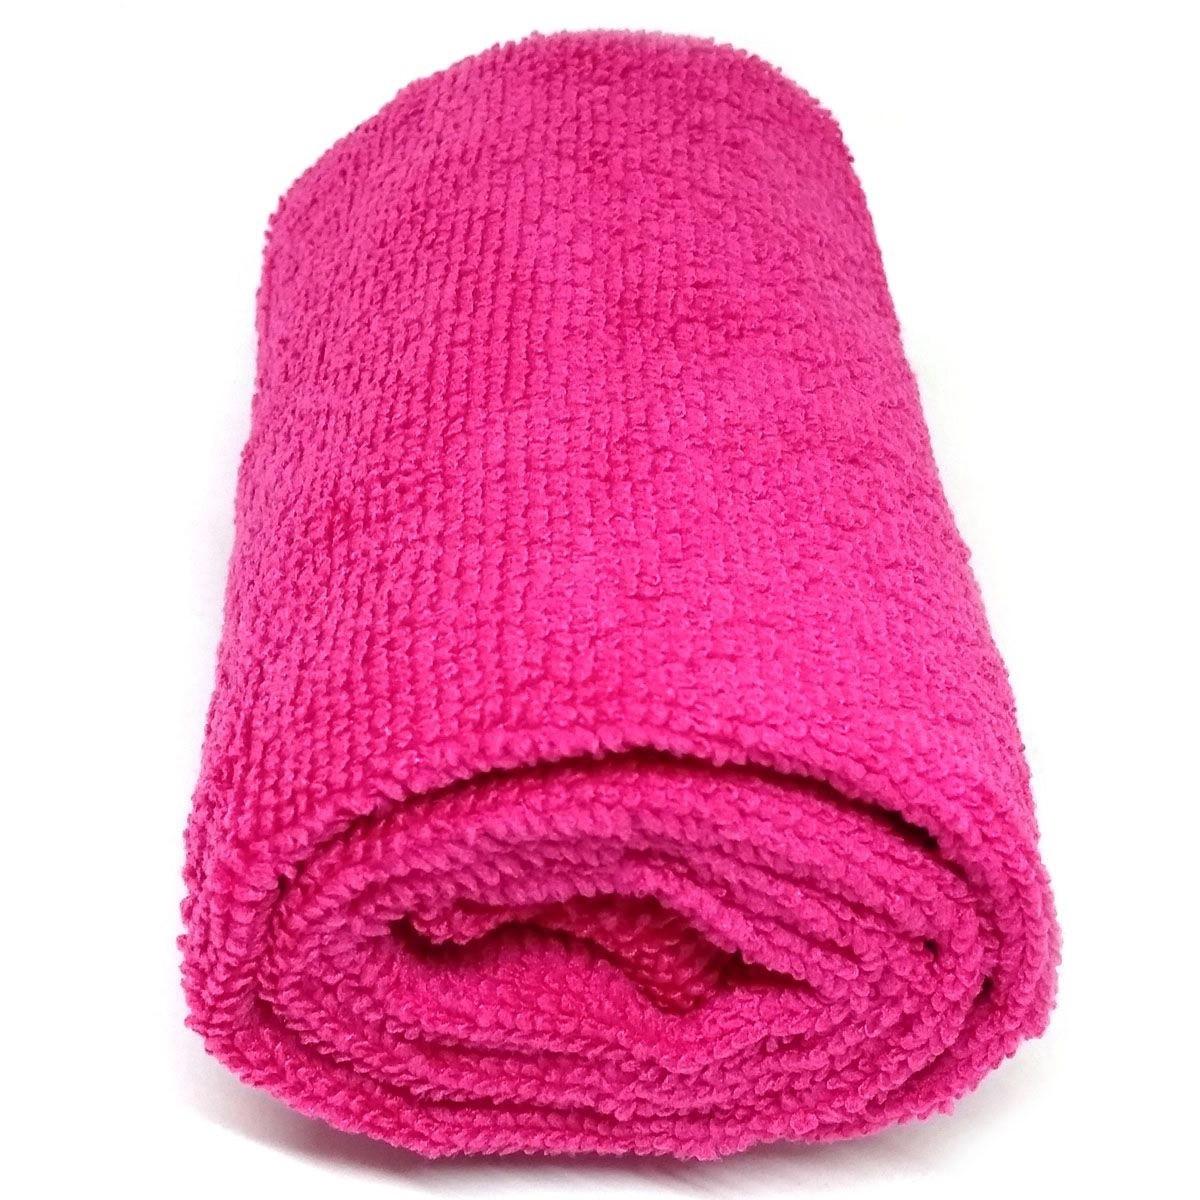 Toalha de Microfibra - Tamanho G - Pink